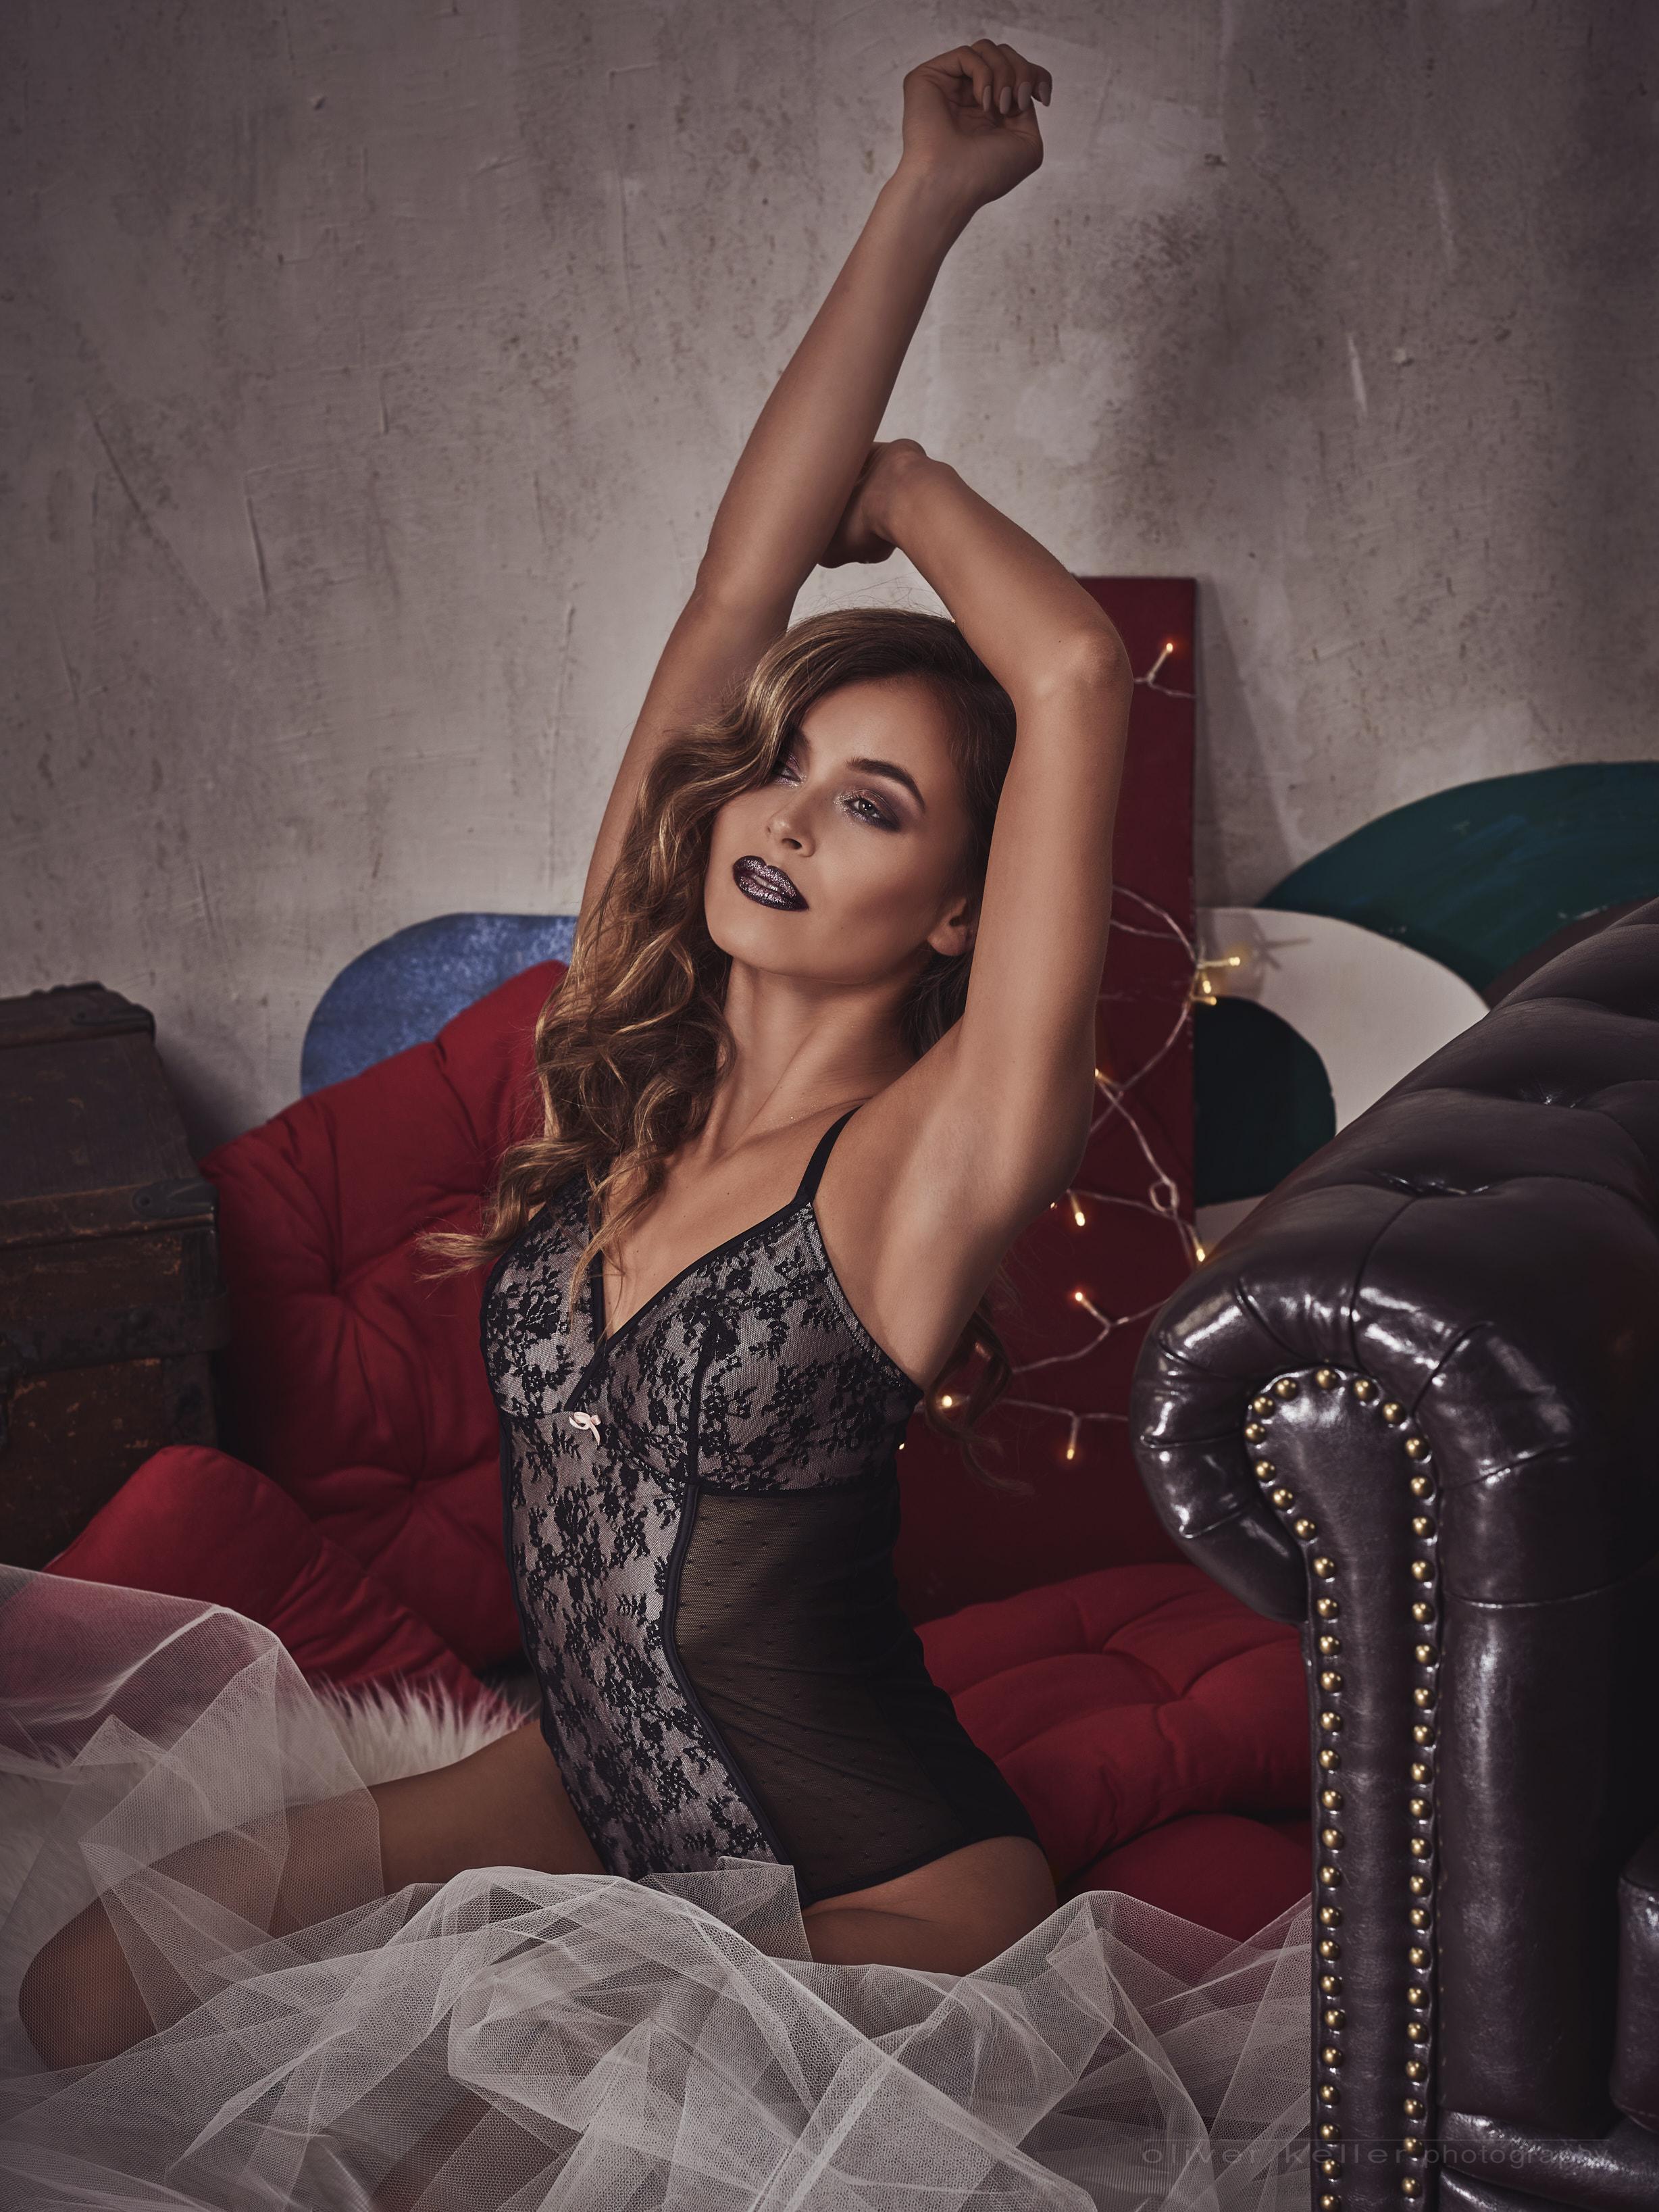 2018-11-27-sensual-feminin-Cheyenne26195.jpg